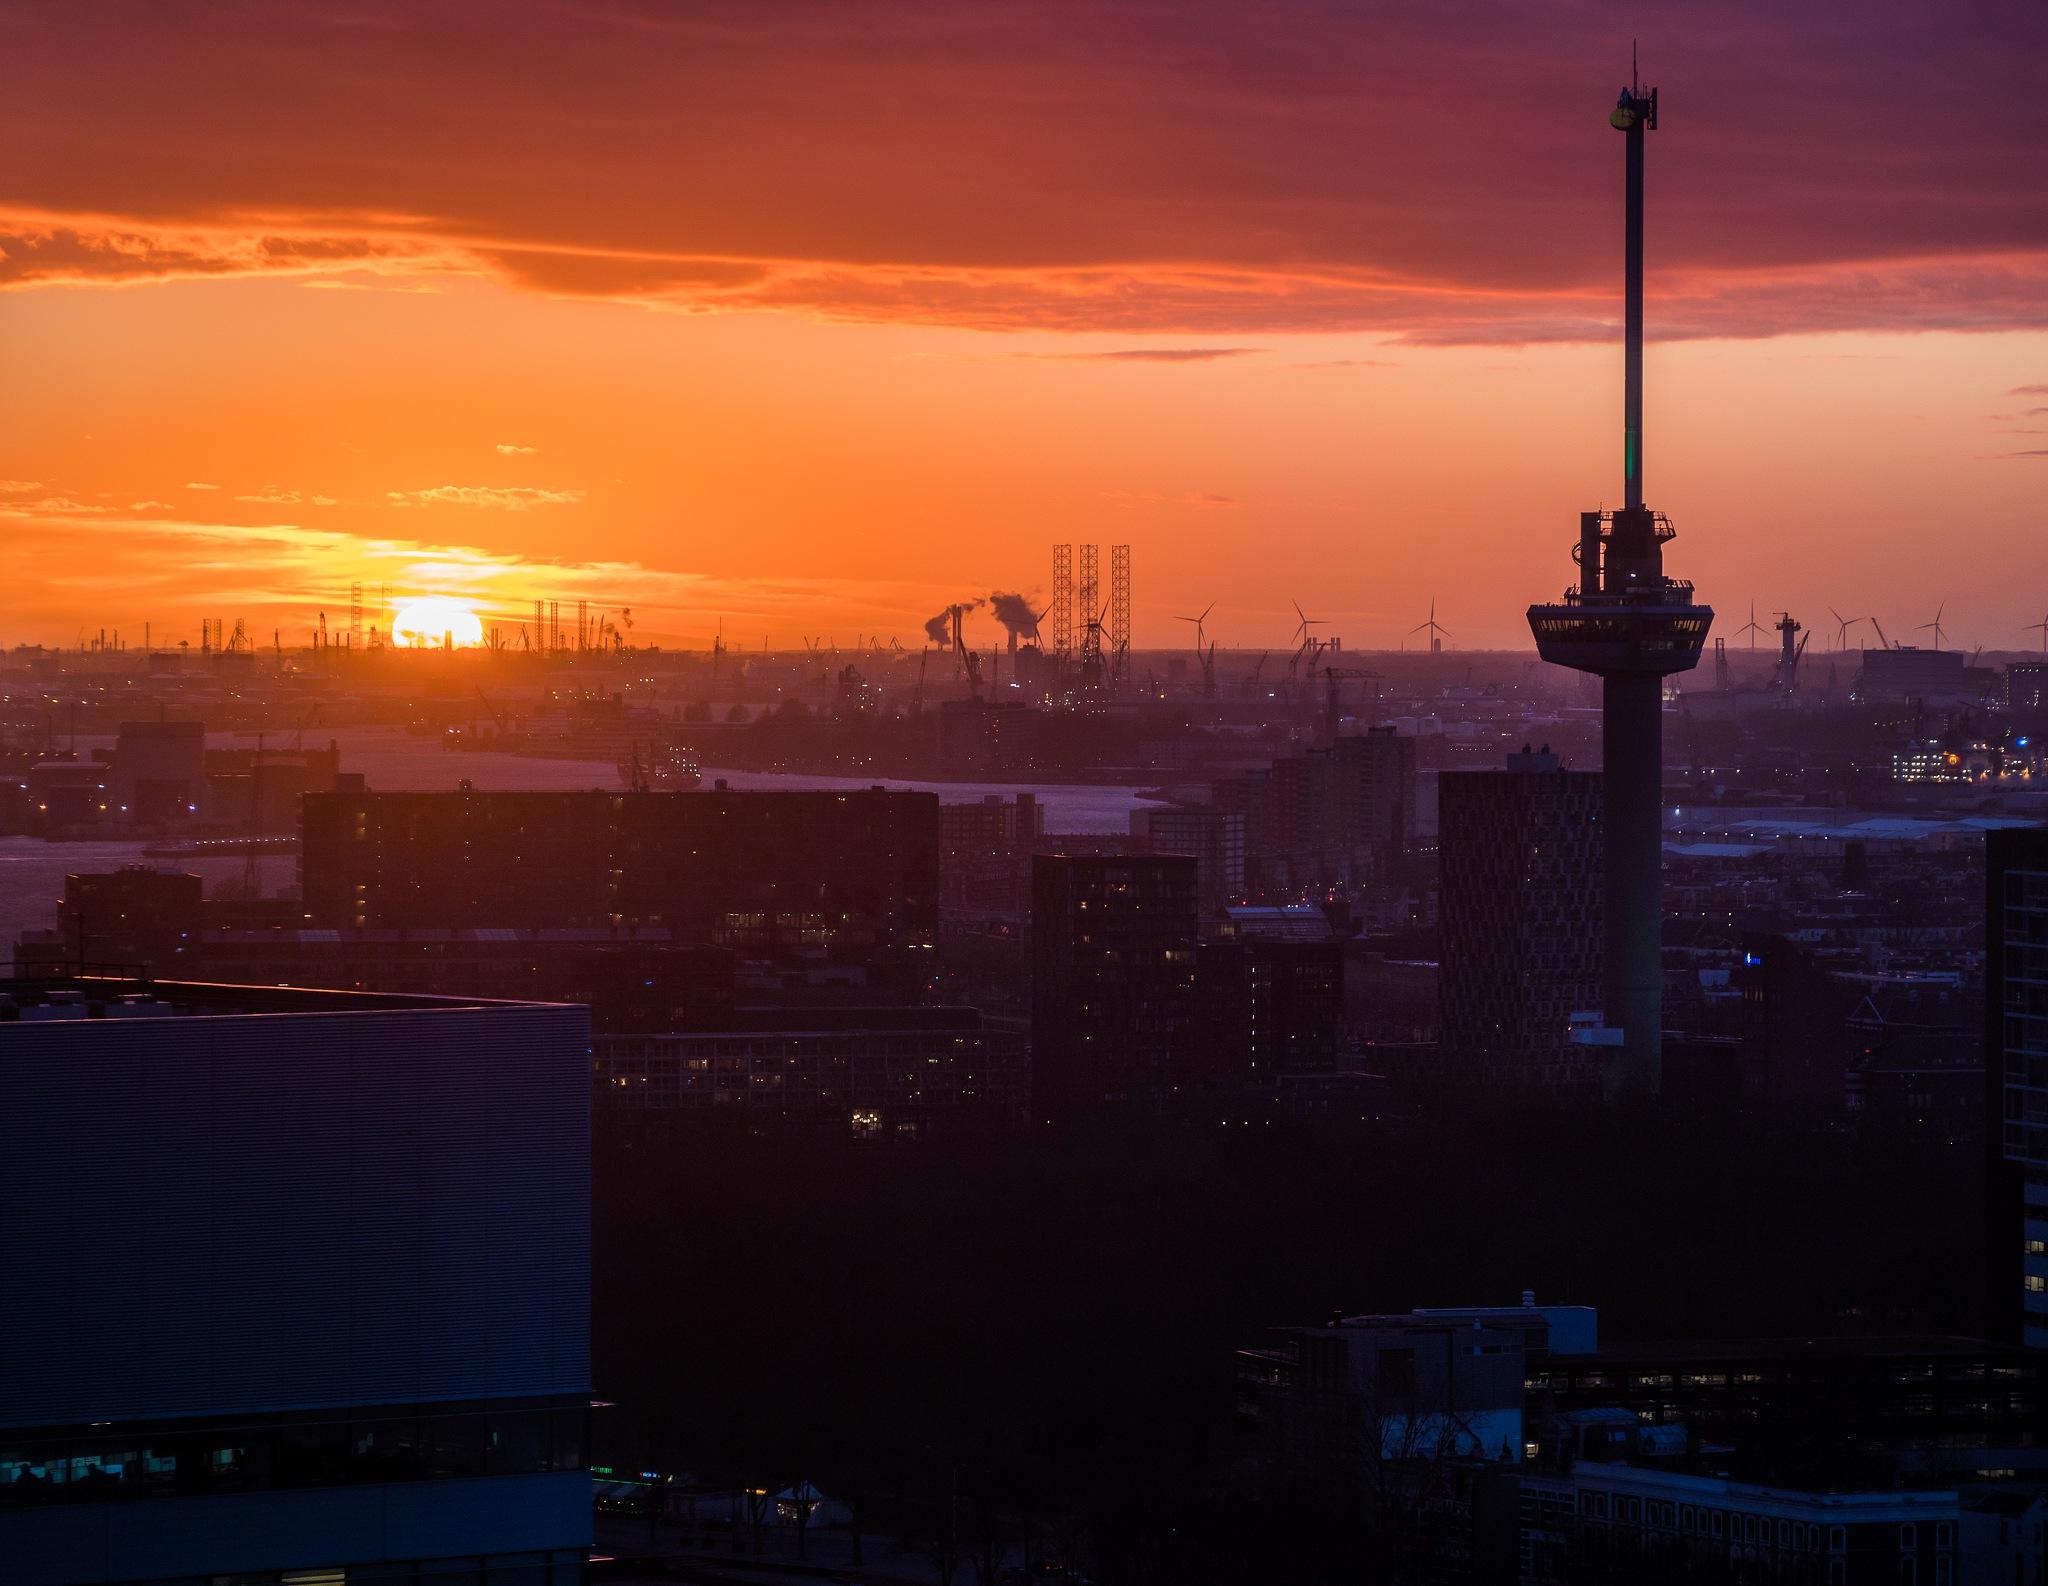 Rotterdam sunset by DavidZisky